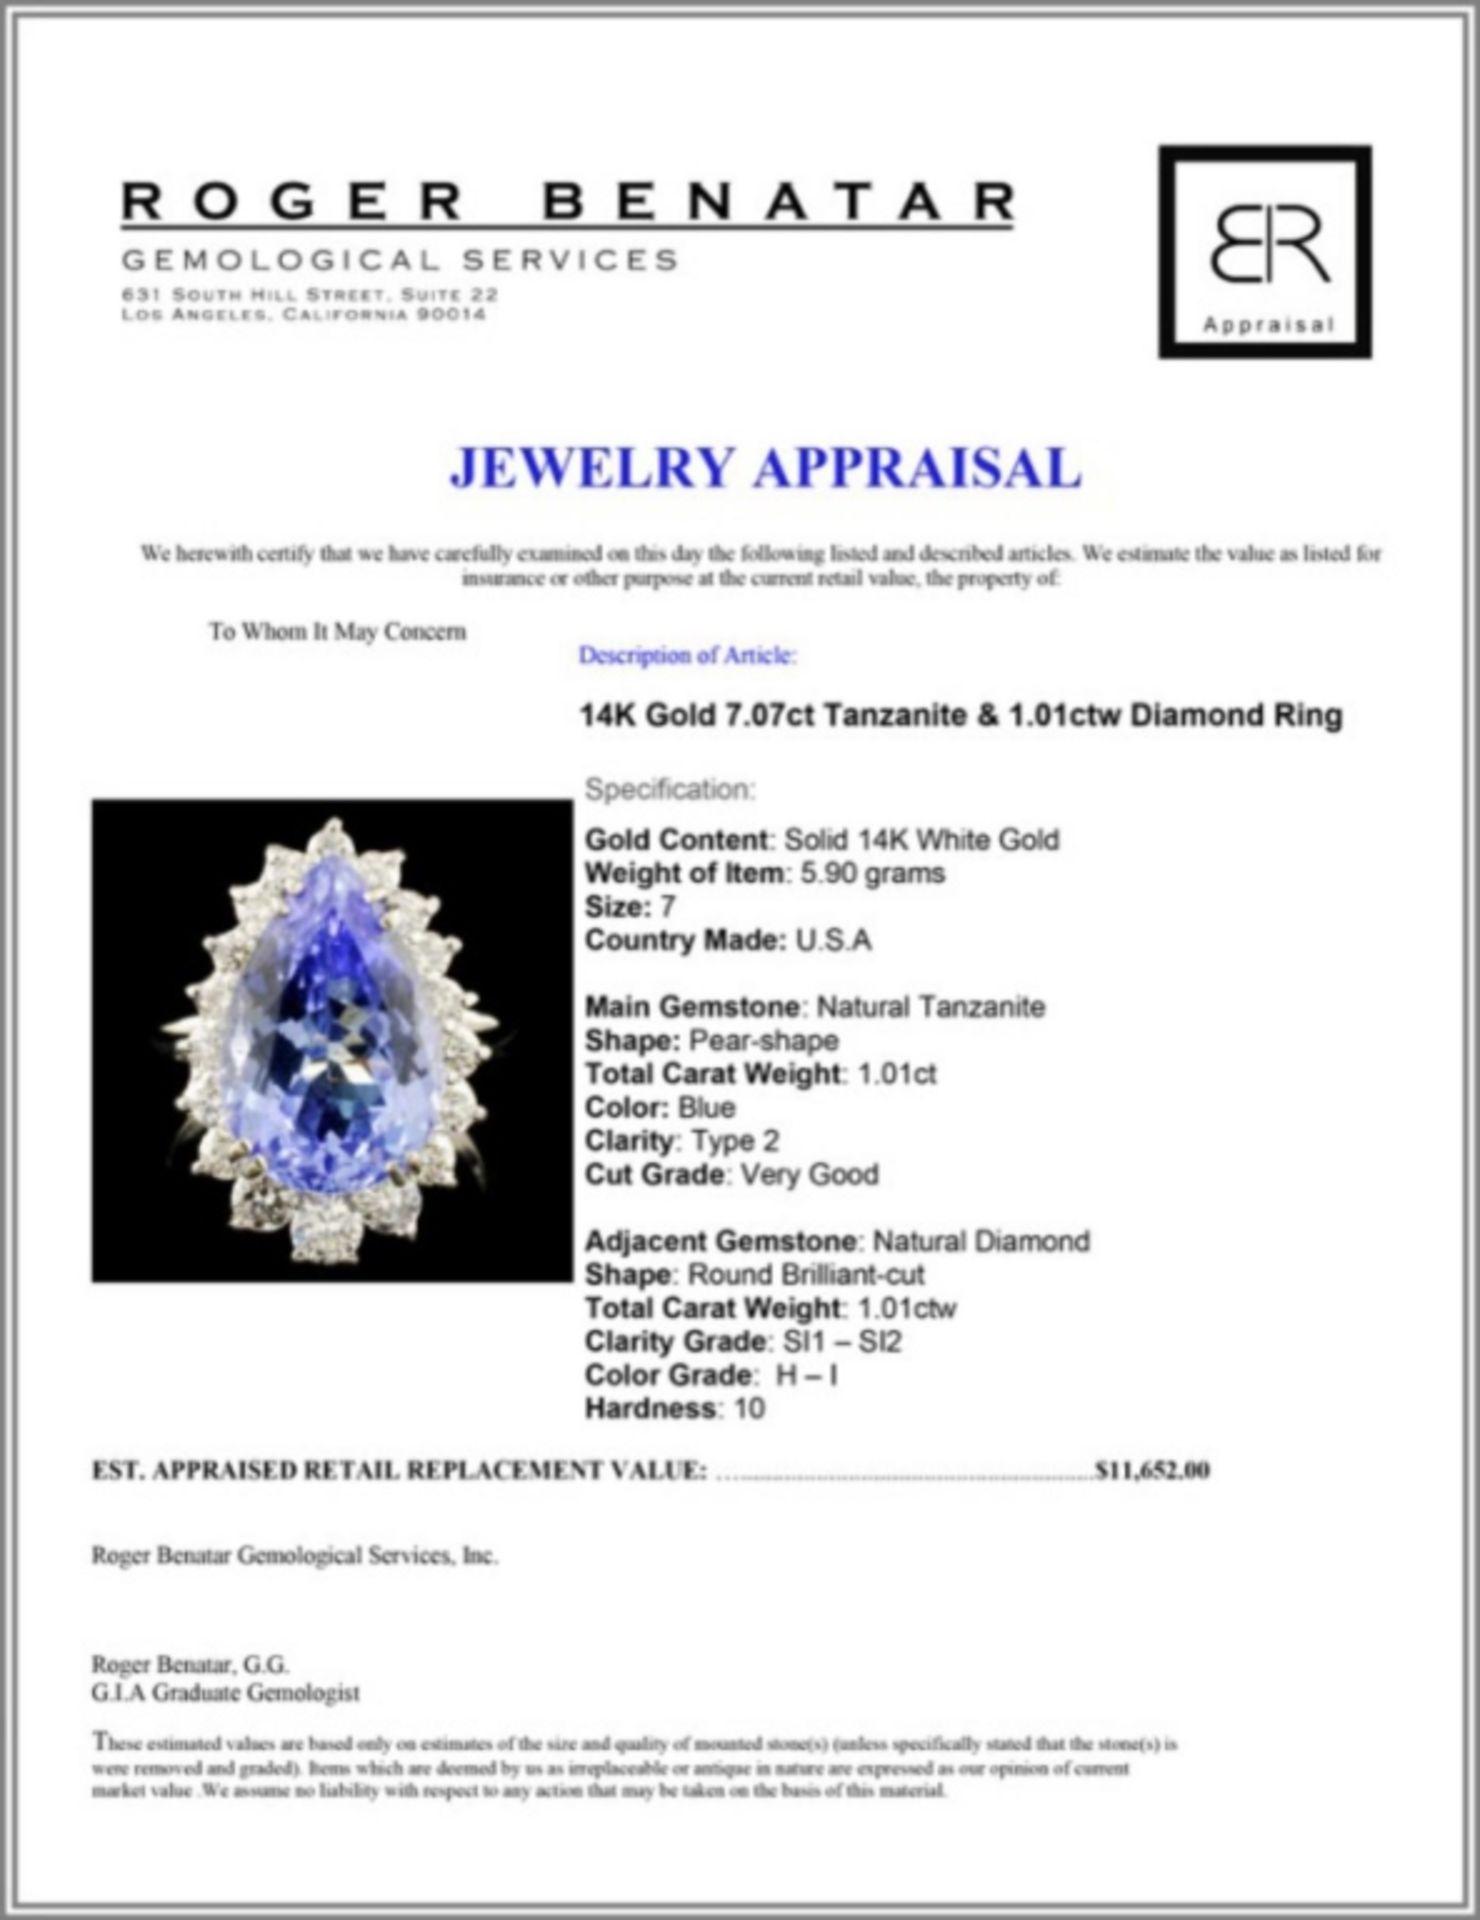 14K Gold 7.07ct Tanzanite & 1.01ctw Diamond Ring - Image 5 of 5